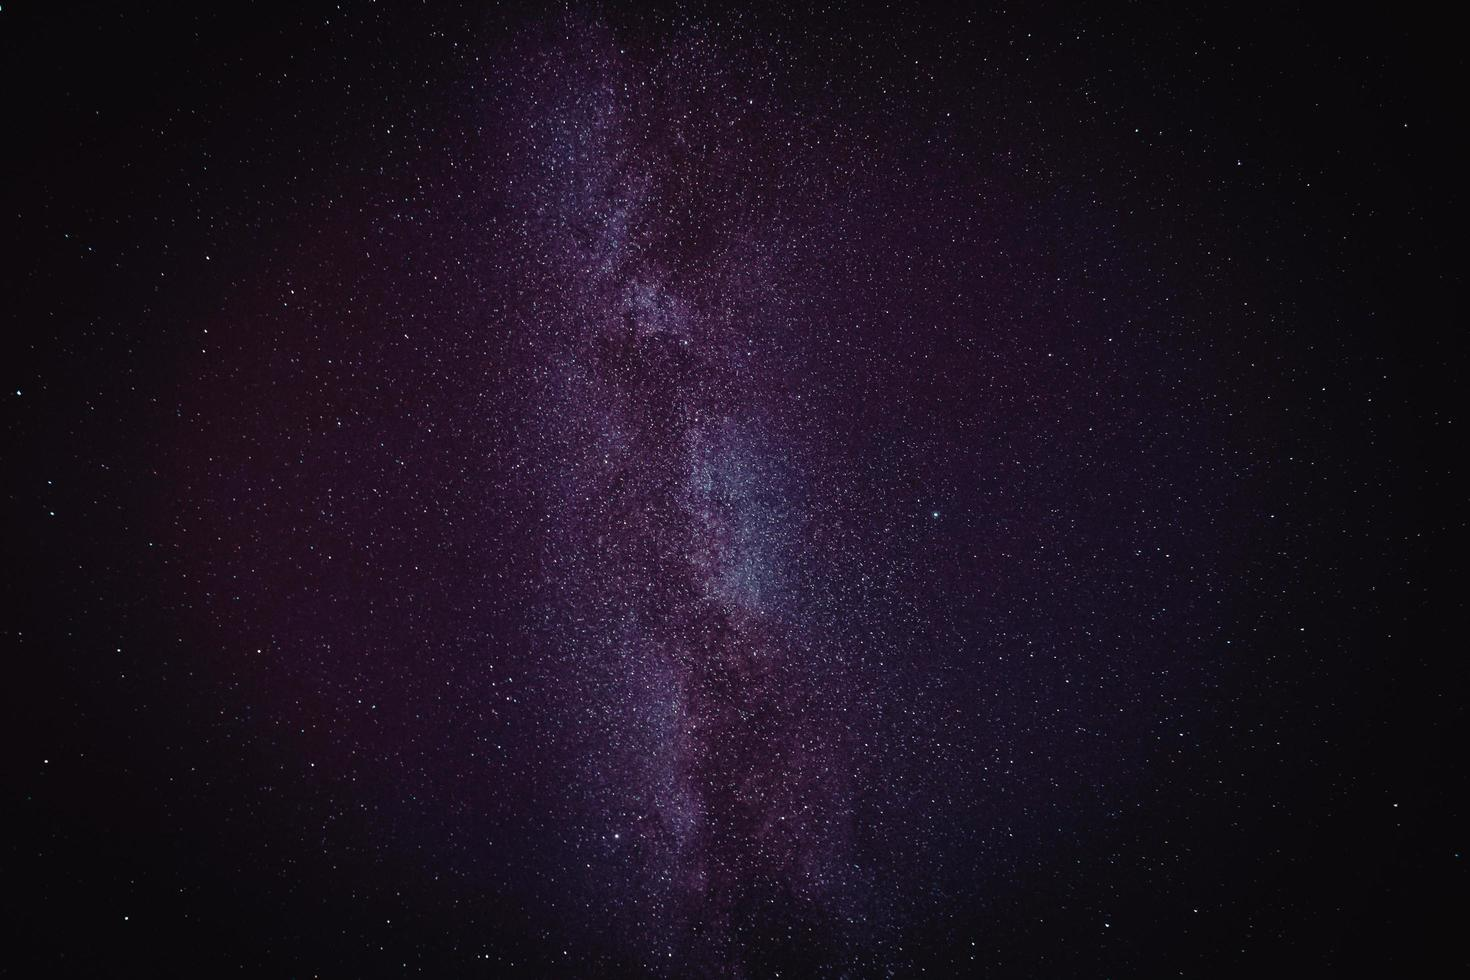 voie lactée rose et violette photo